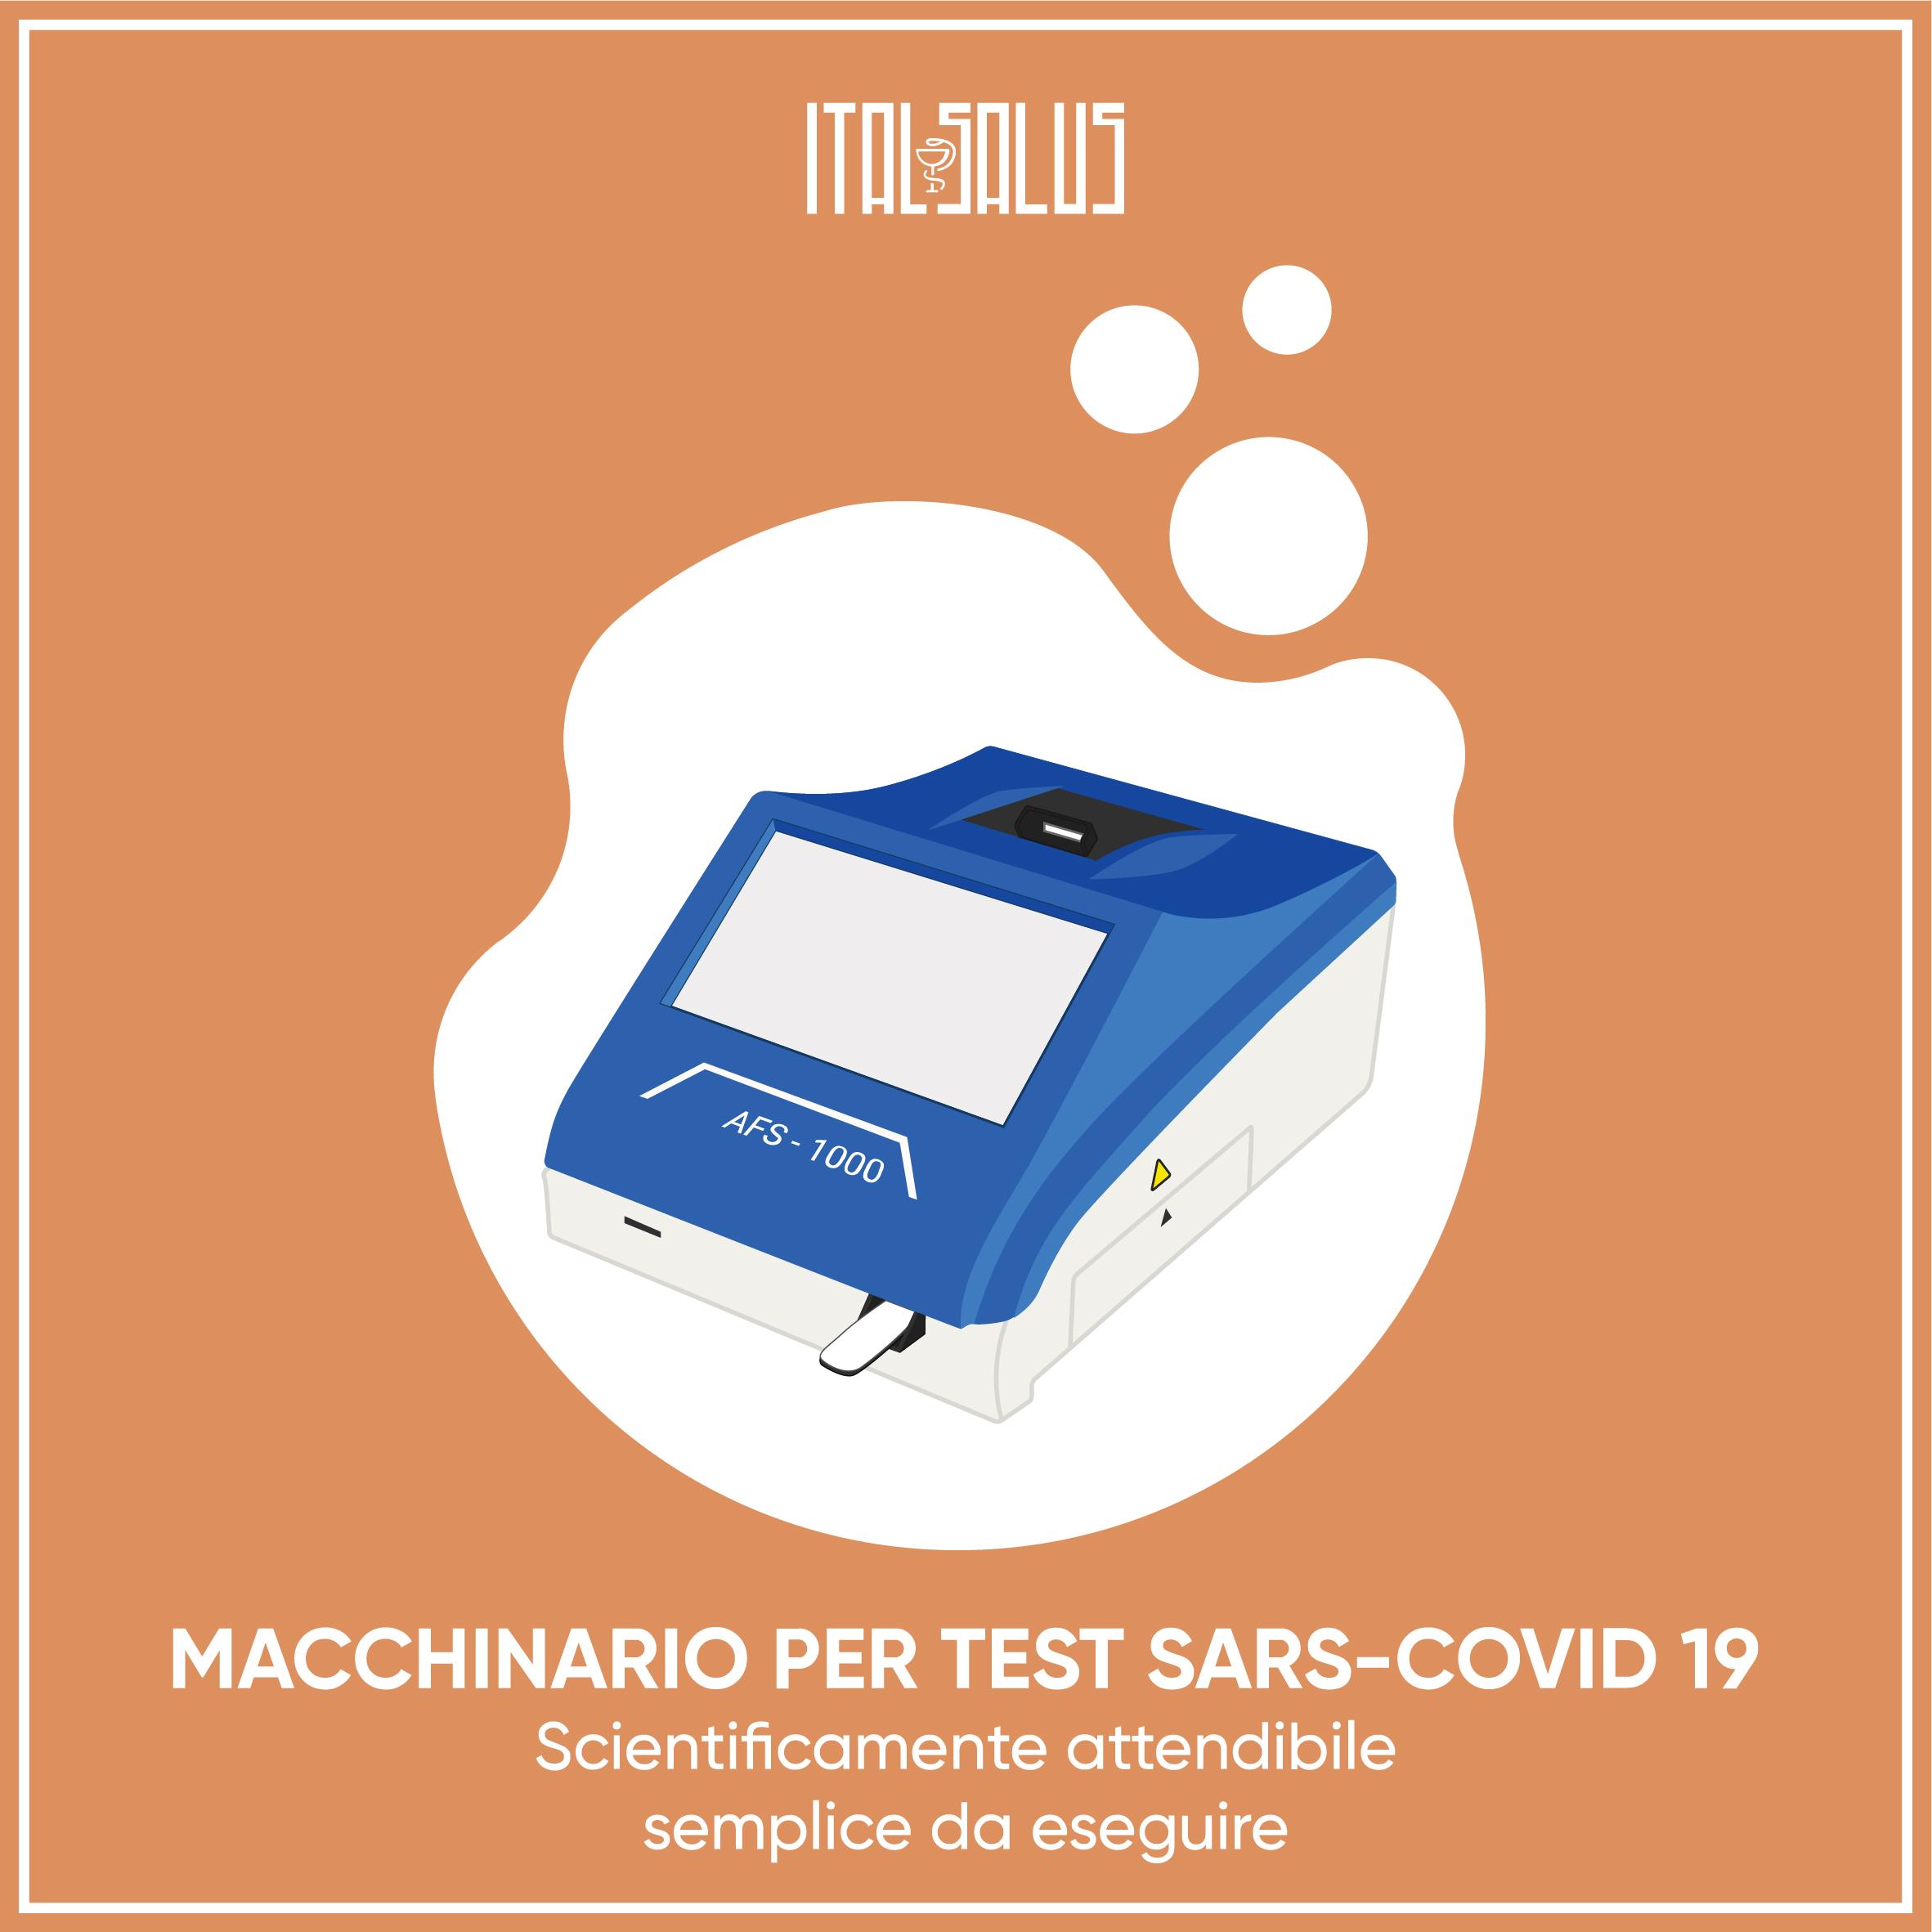 disegno macchinario per test sars covid 19